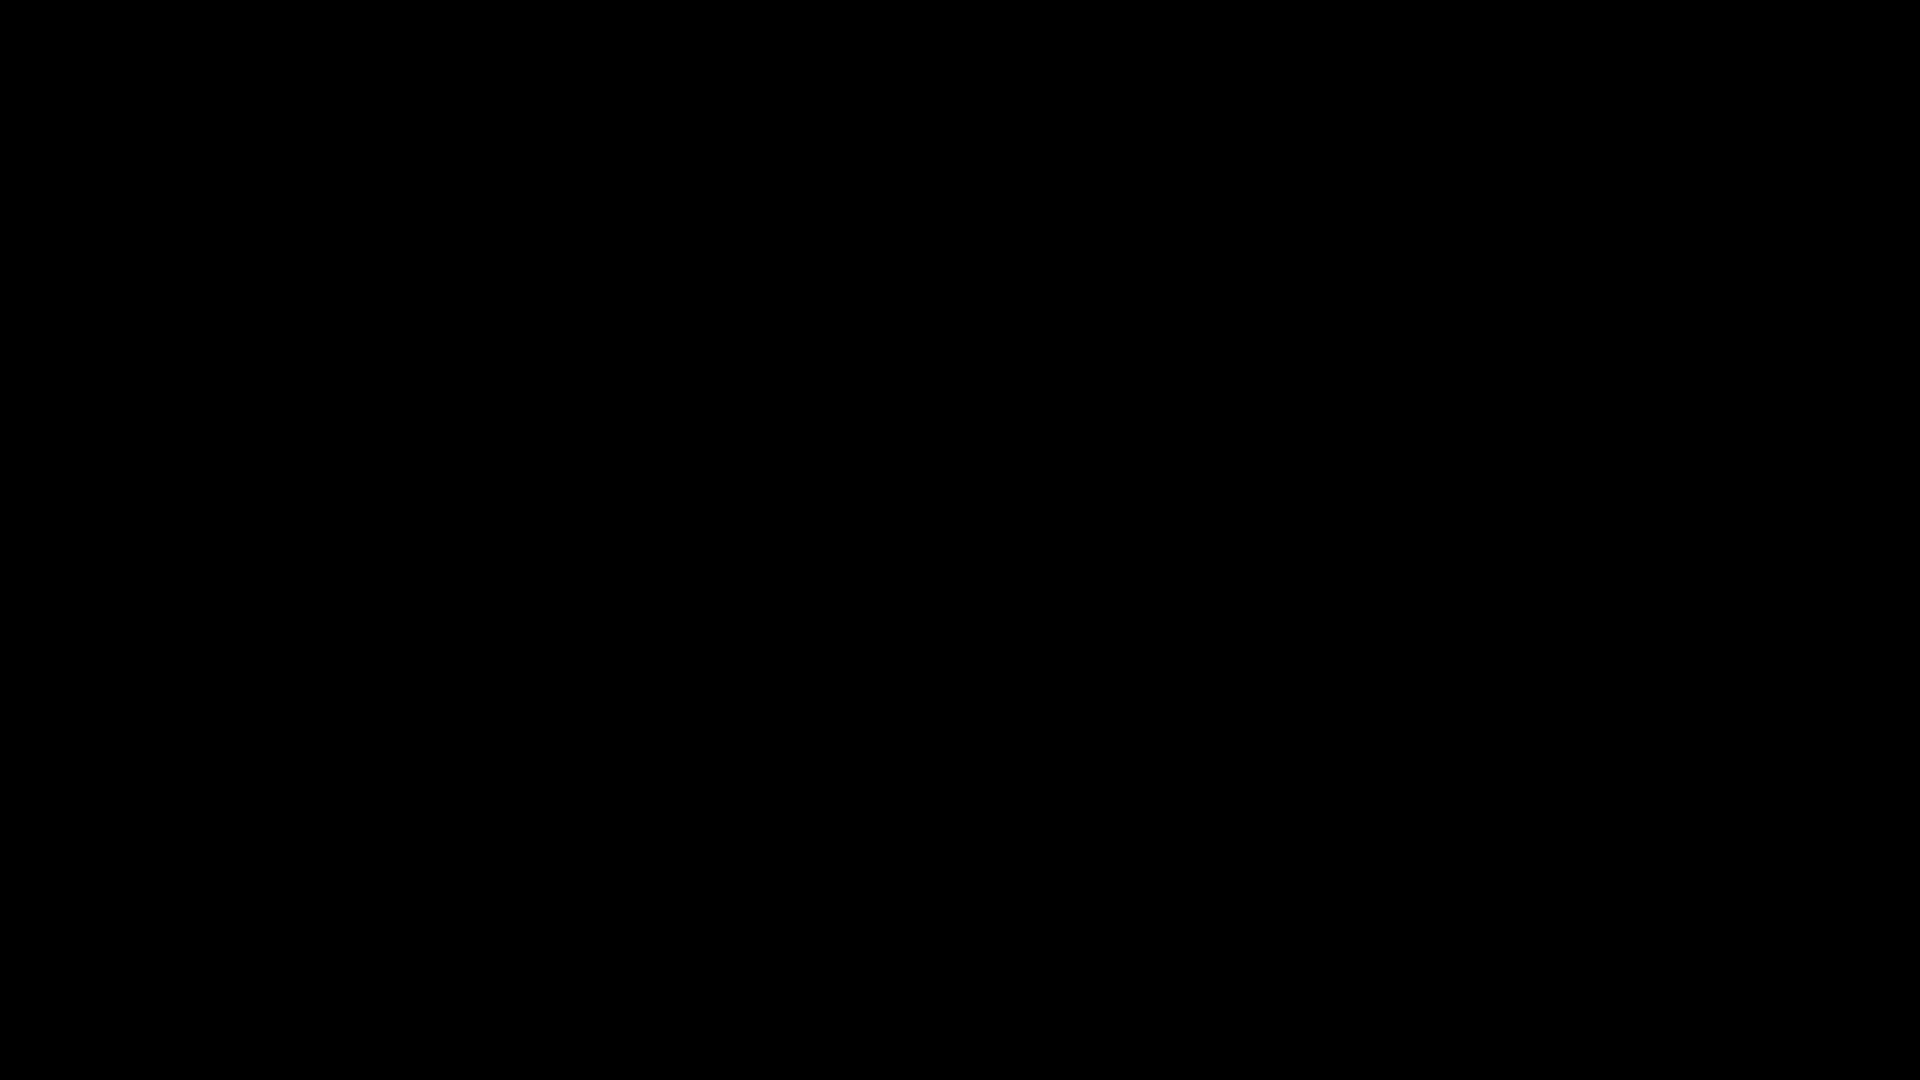 ▲2017_26位▲ うんこをたくさん集めました。トイレの神様 Vol.12 OLの実態  92pic 3